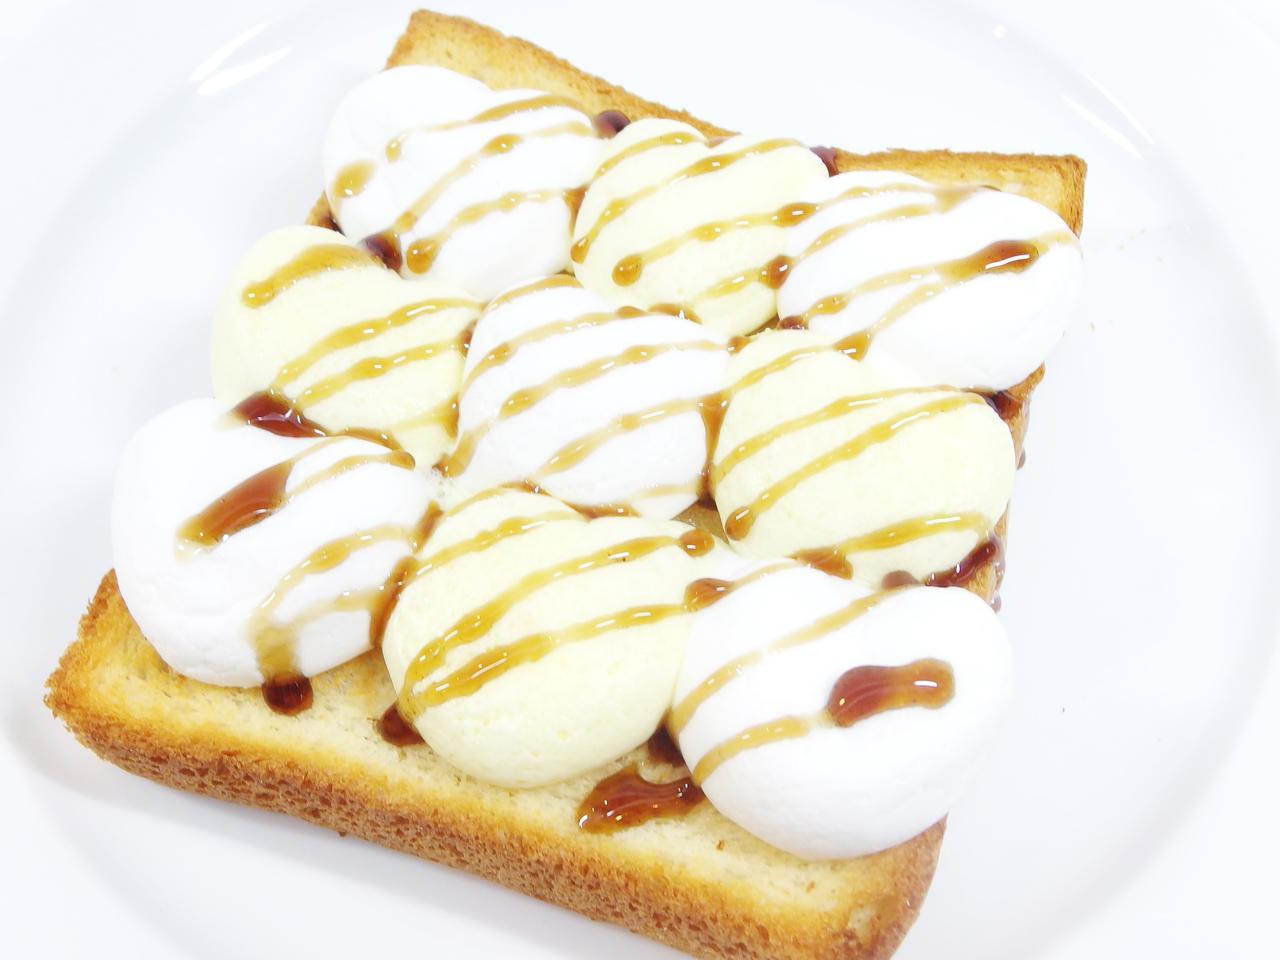 画像: ○黒蜜マシュマロトースト ¥500 ふわふわとろとろのマシュマロに少しのお塩をかけた、少し大人の甘じょっぱいトーストです。トッピングに黒蜜をかけて、あたたかいうちにお召し上がりください。